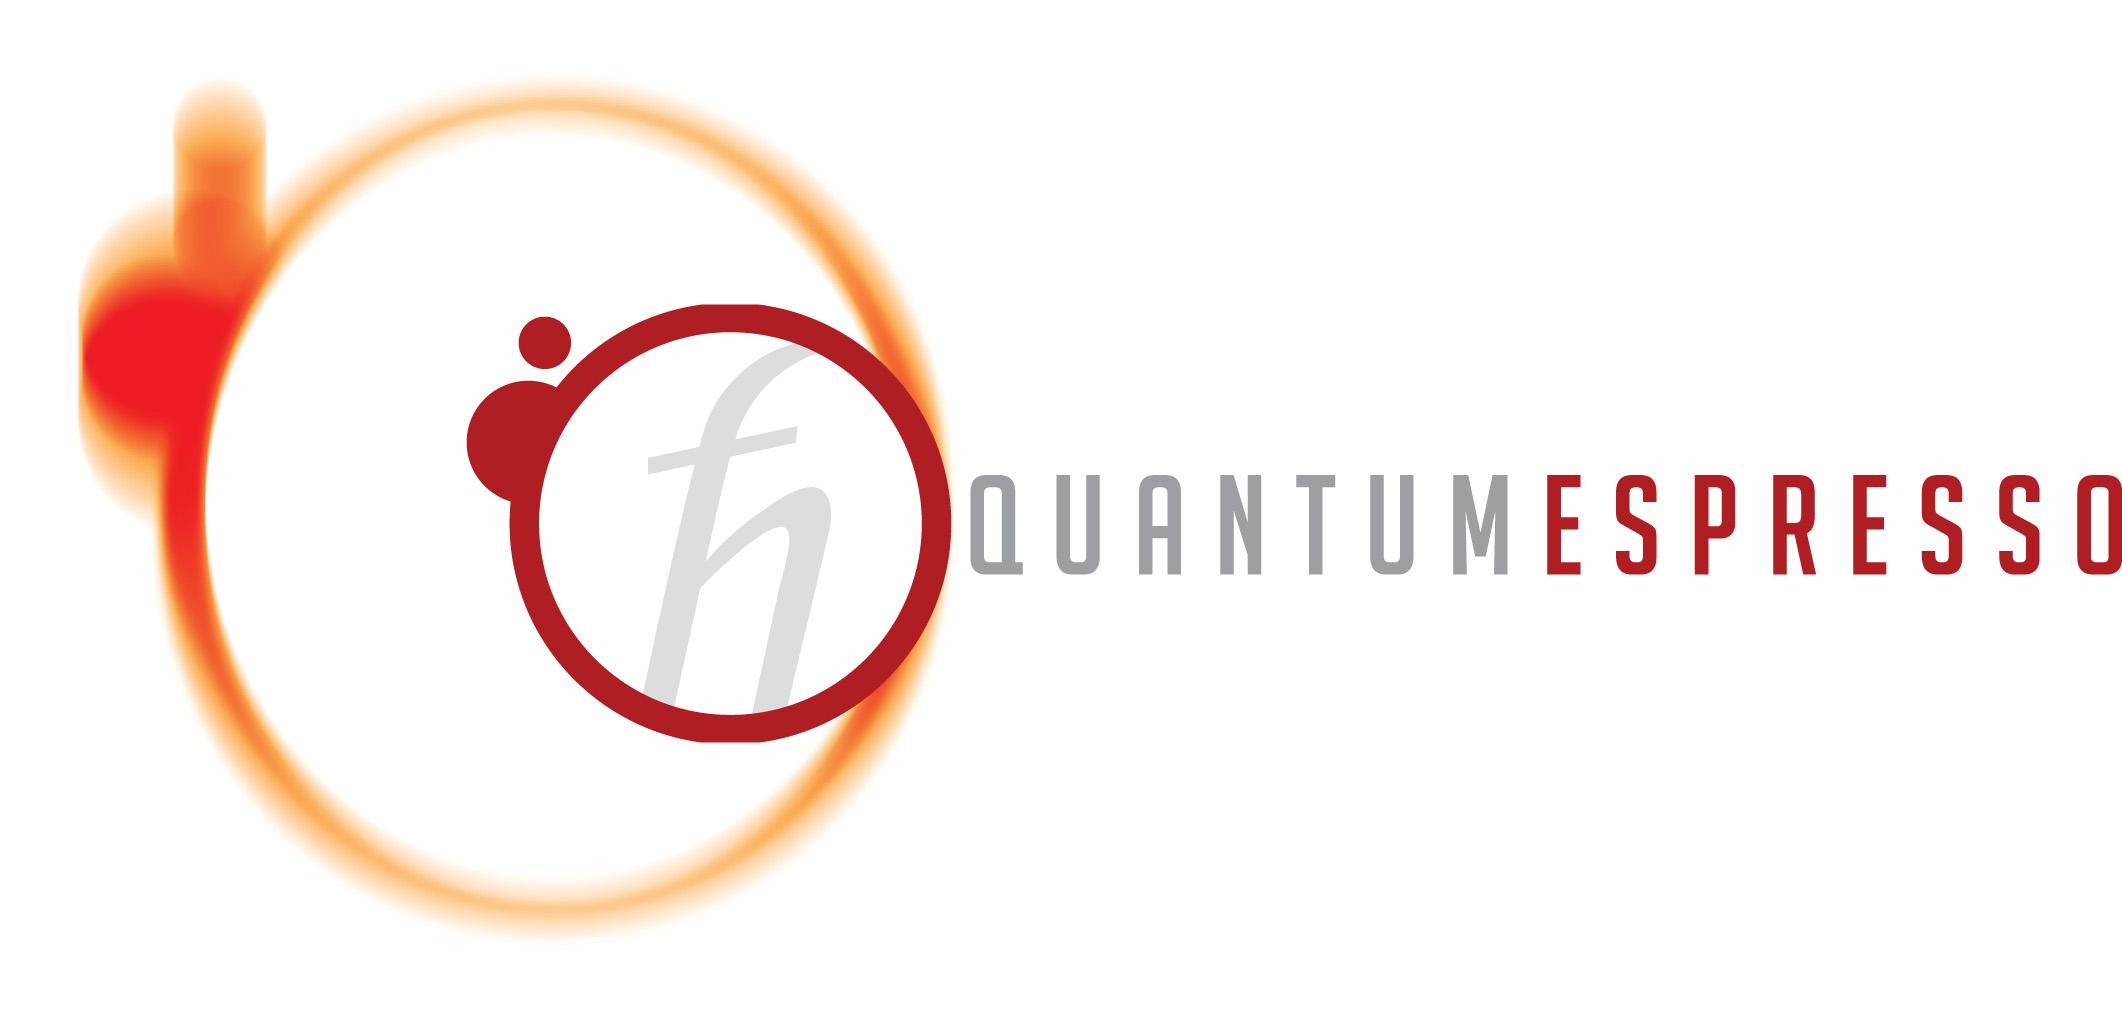 Quantum_espresso_logo